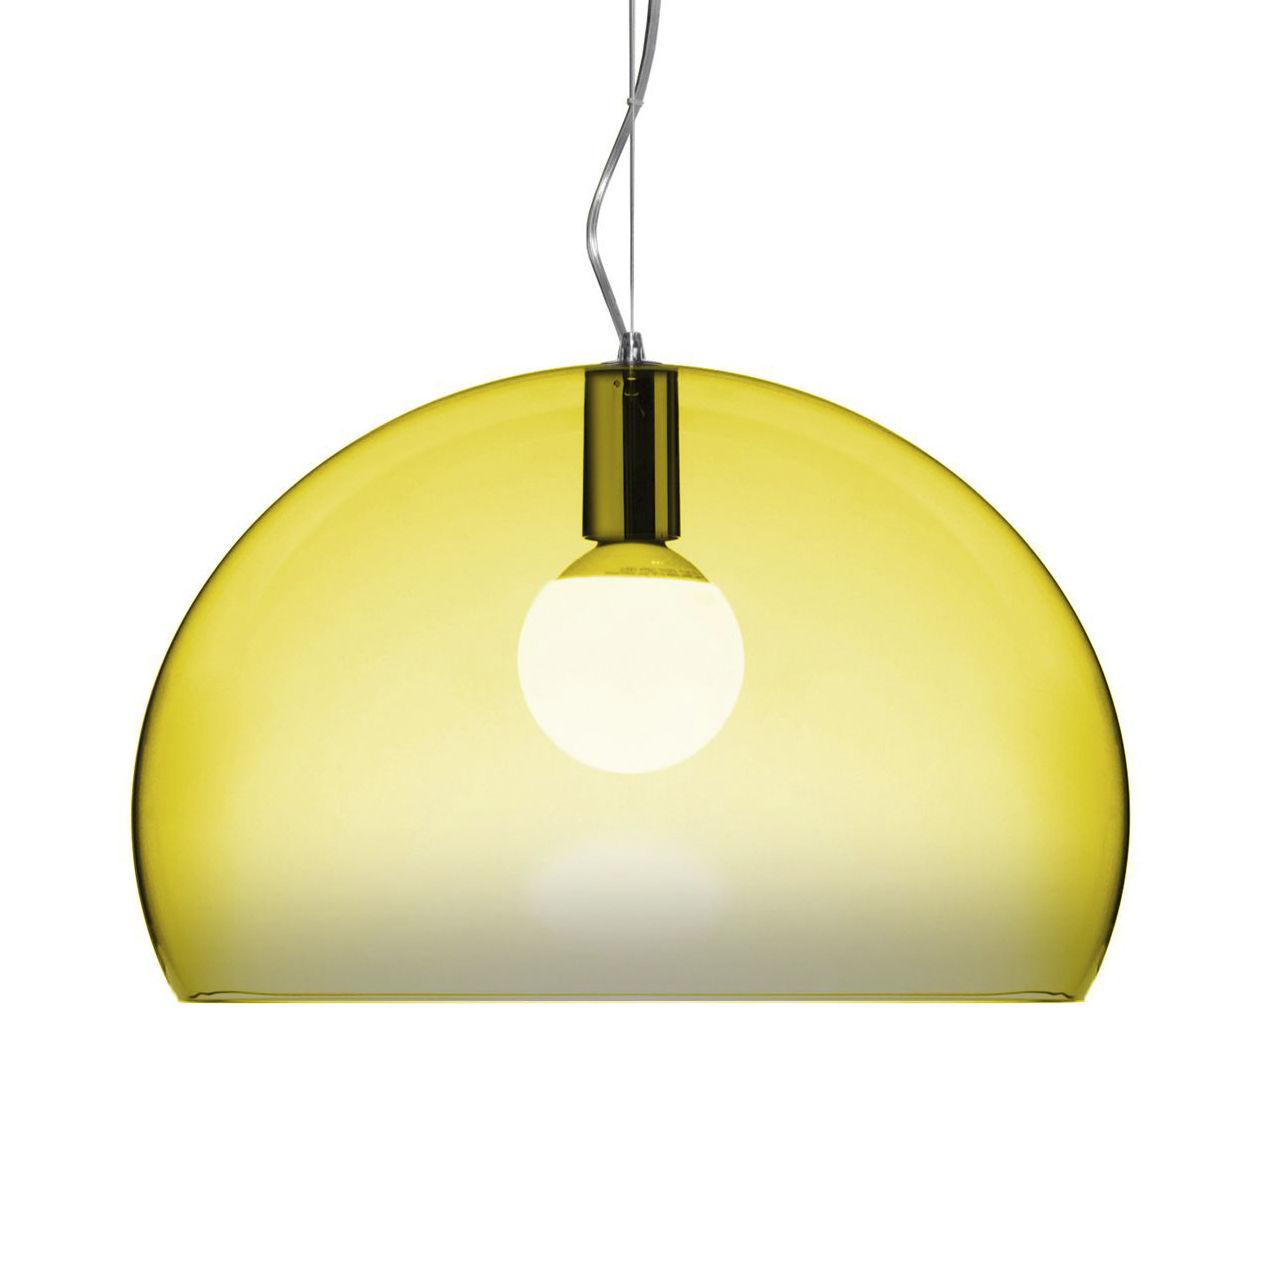 Λυχνία ανάρτησης FL / Y Small - Ø 38 cm Κίτρινο Kartell Ferruccio Laviani 1